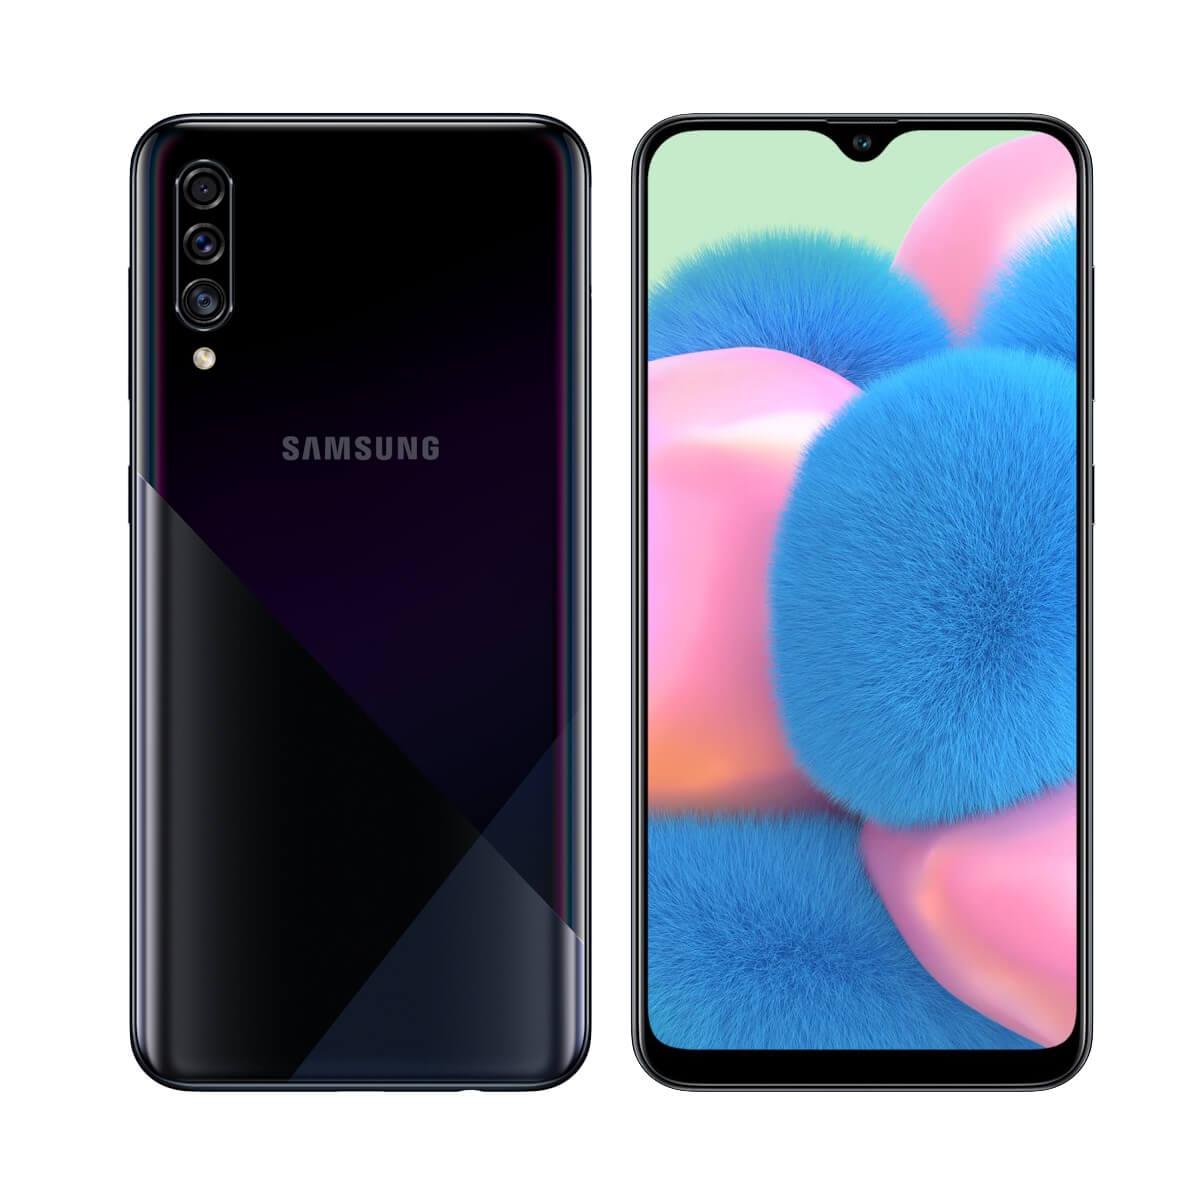 【傑昇通信】SAMSUNG Galaxy A30s (4G/128G)。空機破盤價